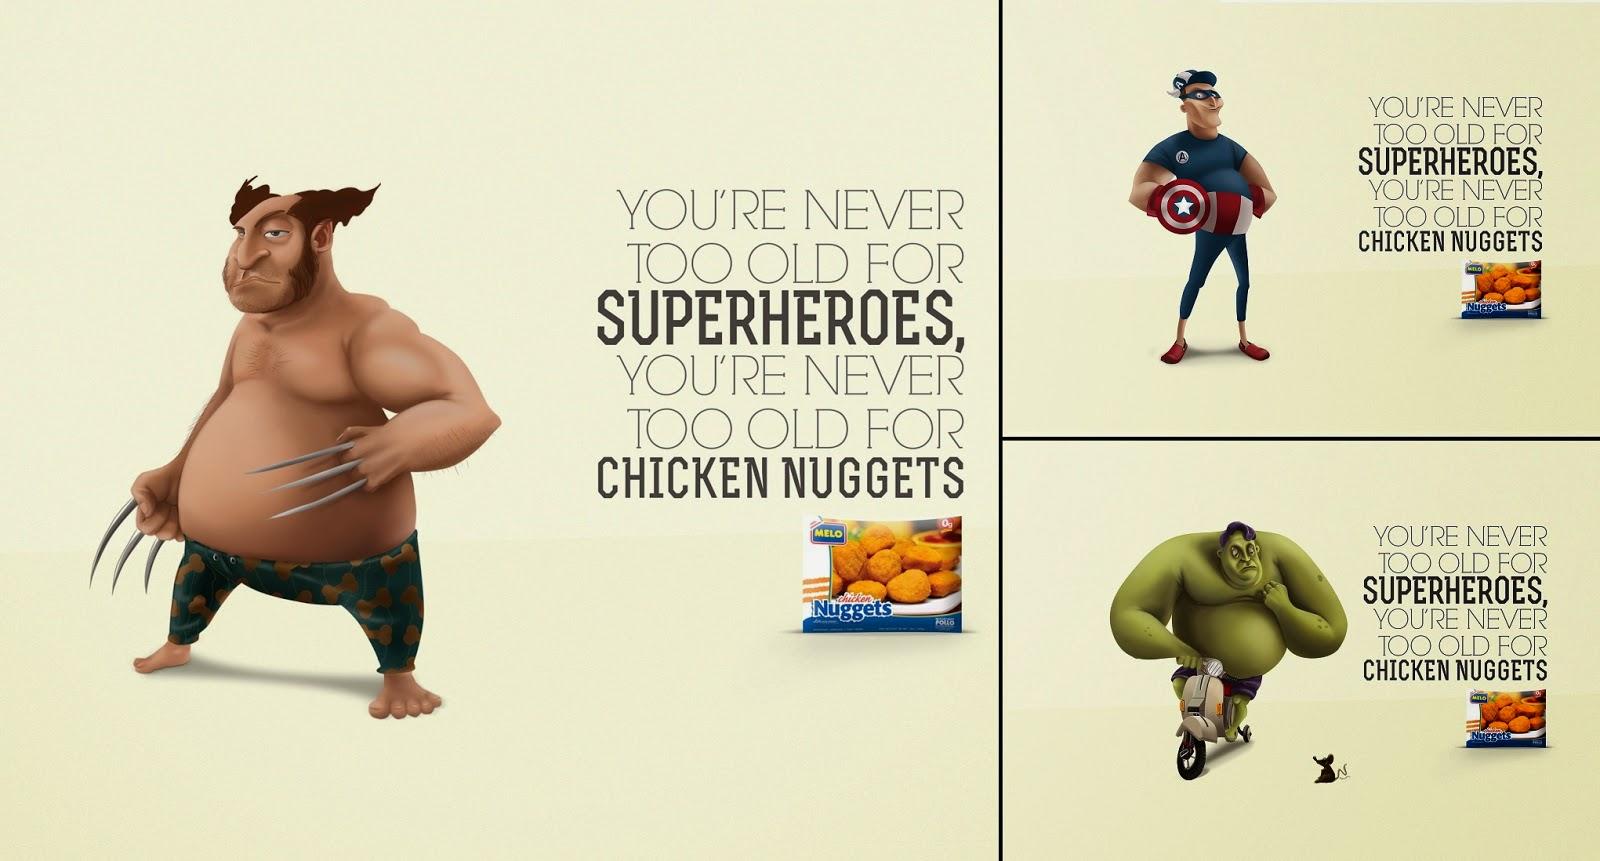 Campañas creativas, Campañas y súper héroes, Todos podemos ser súper héroes, Creatividad, Publicidad ingeniosa,